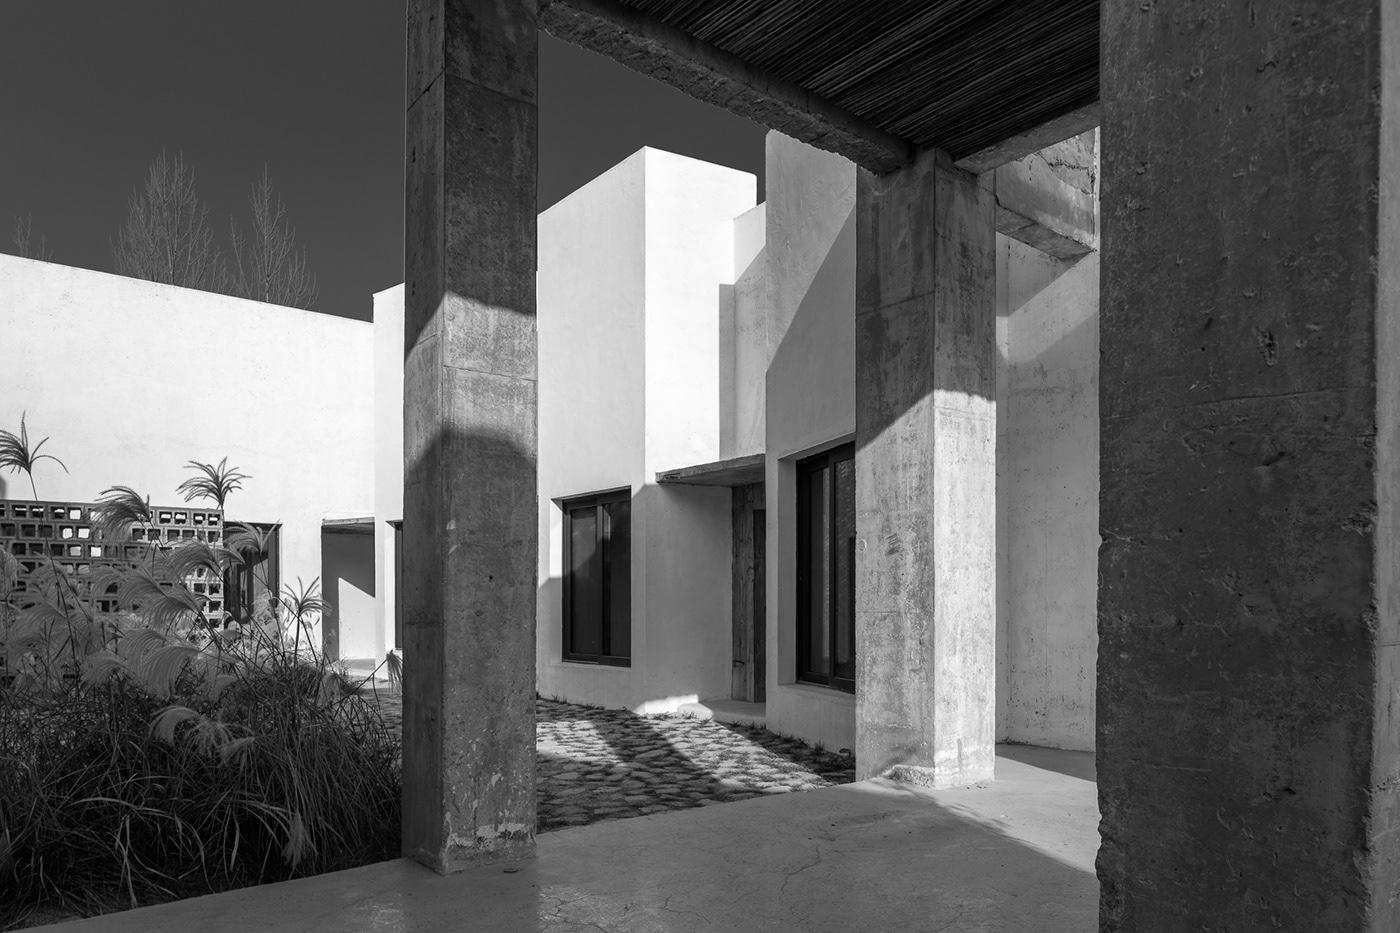 architectural photography architecture b&w hotel Photography  studio TEN Tan xiao Tongchen Hotel White Deer Plain xi'an